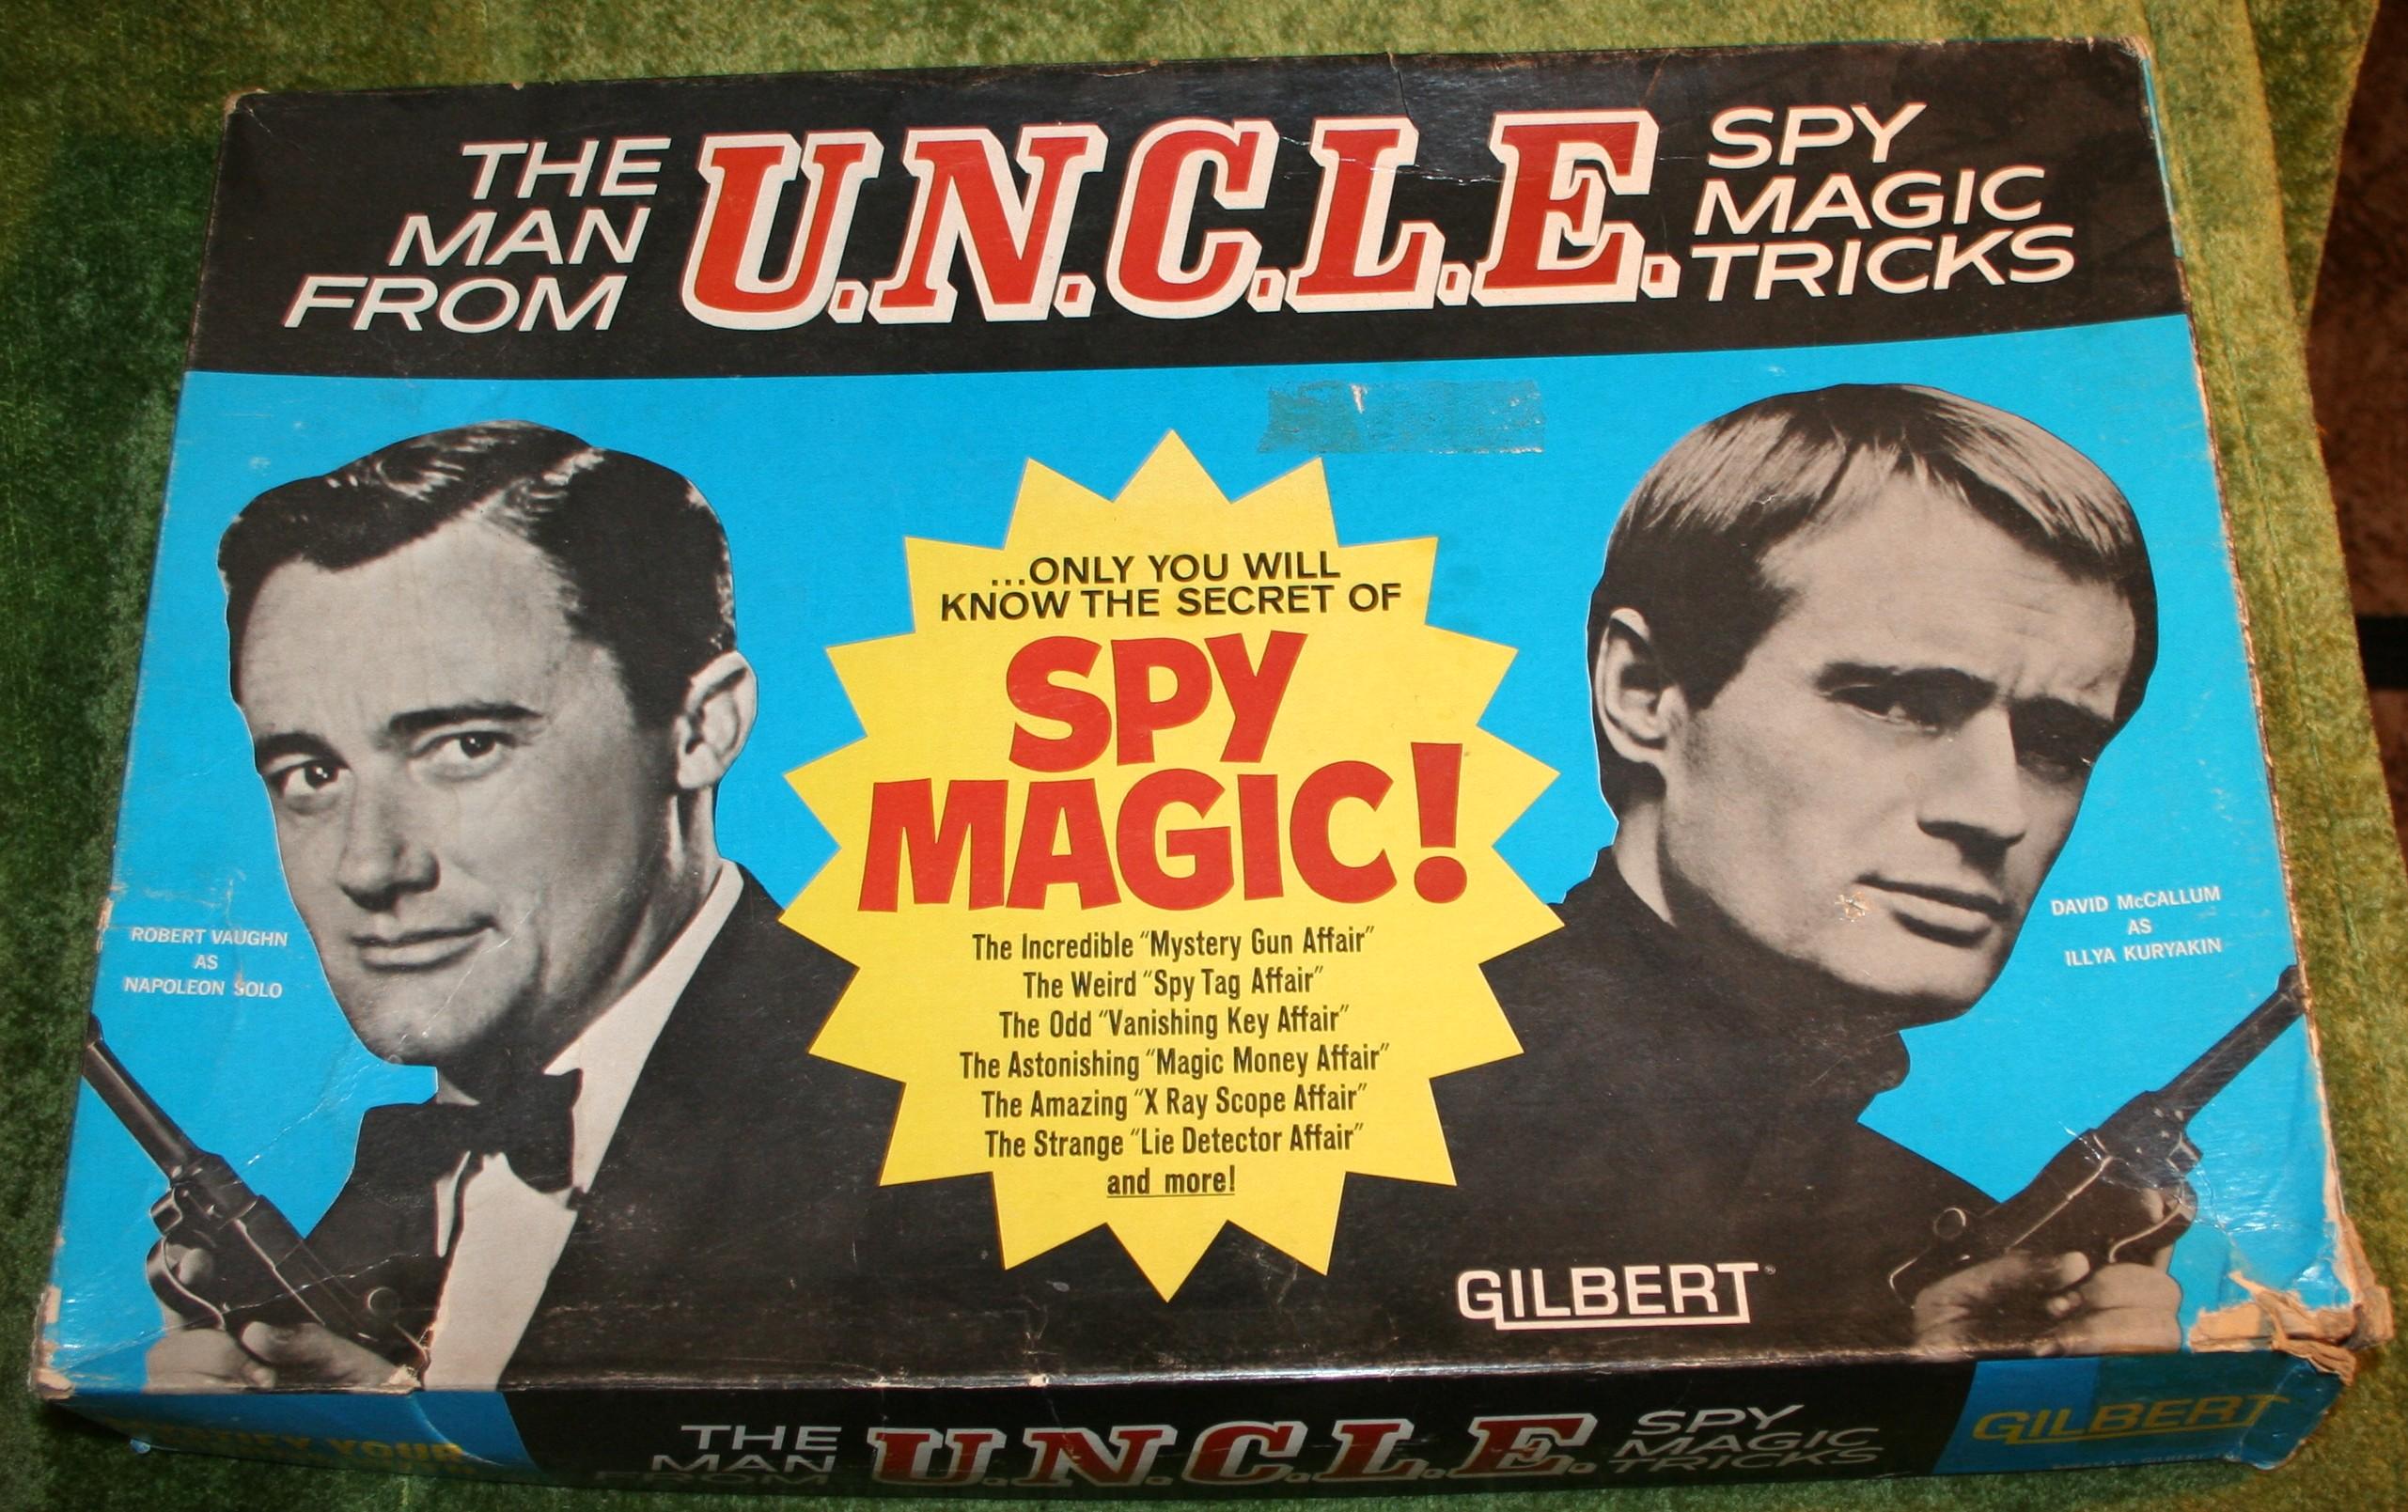 U.N.C.L.E. Magic set